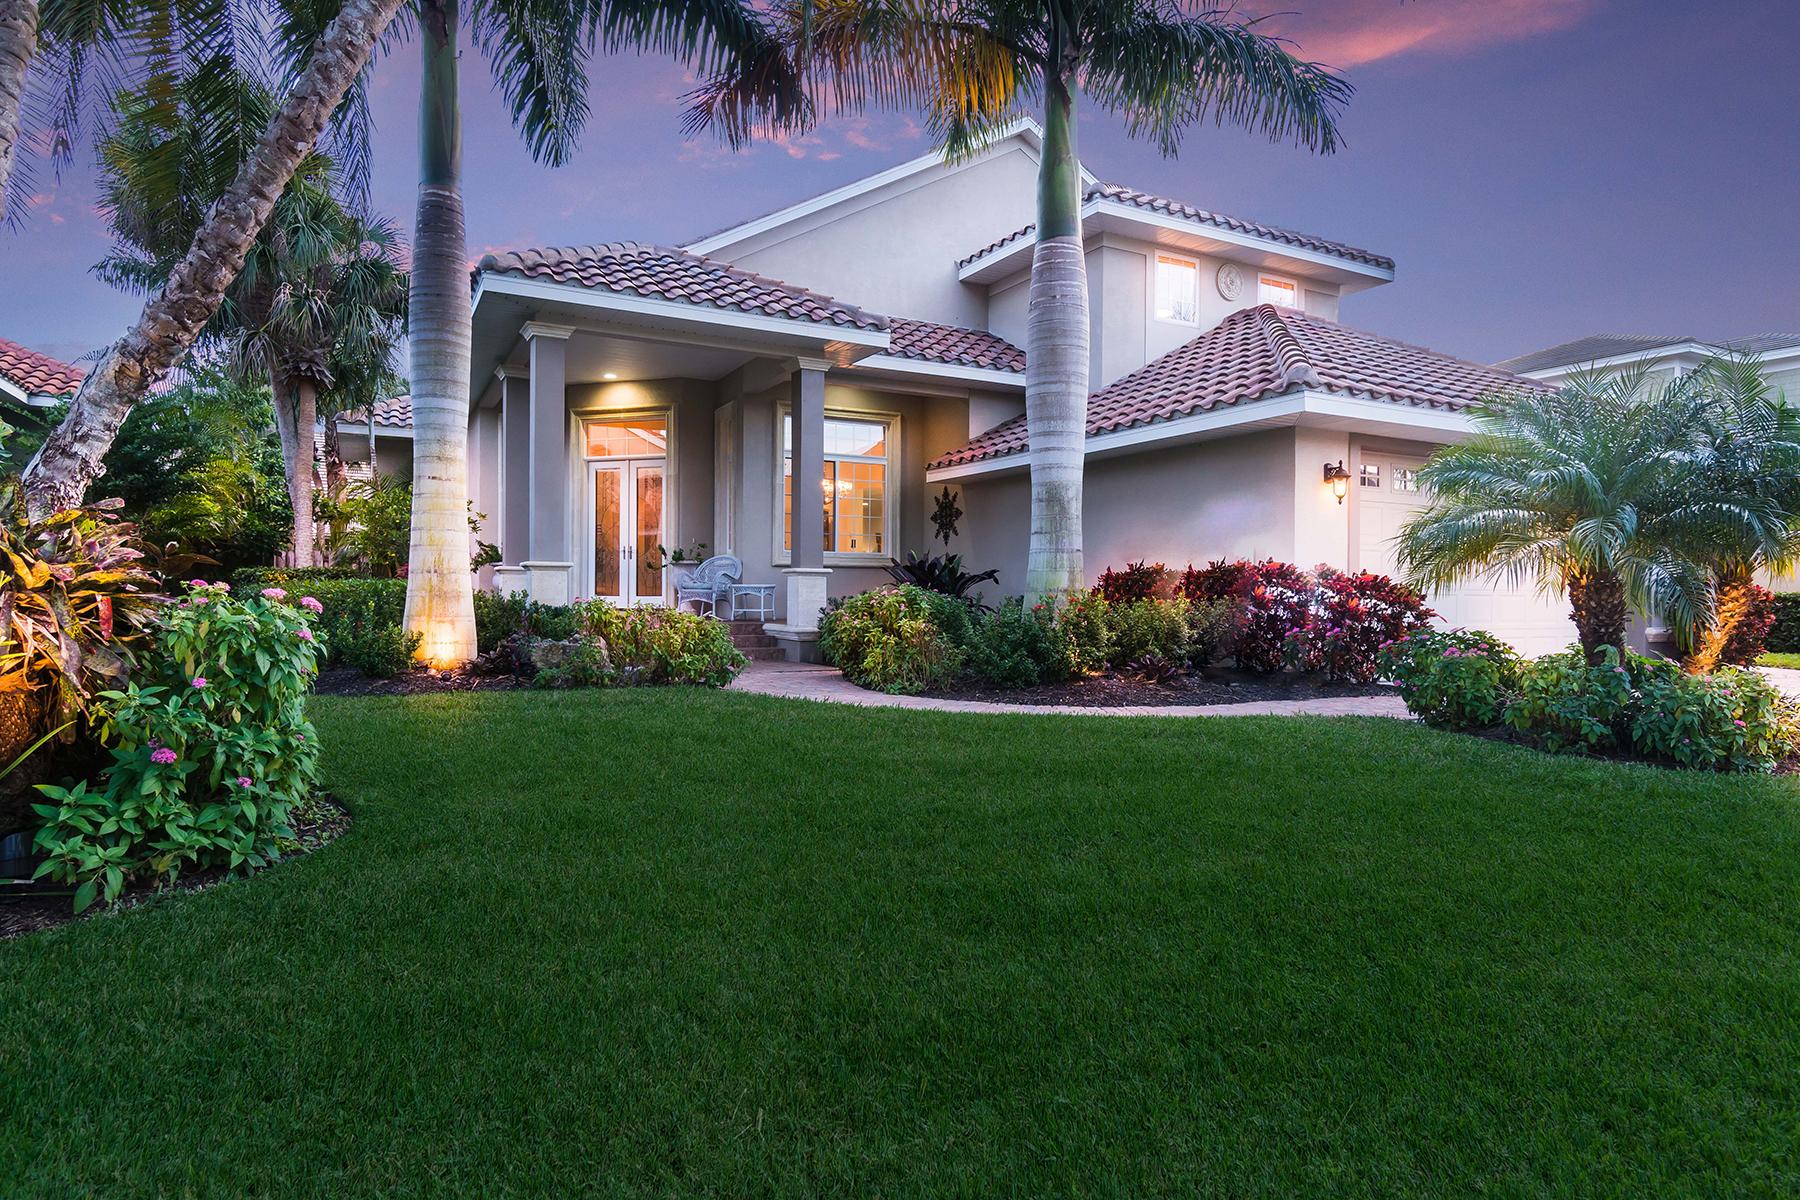 Casa Unifamiliar por un Venta en DESOTA PARK 1930 Datura St Sarasota, Florida, 34239 Estados Unidos